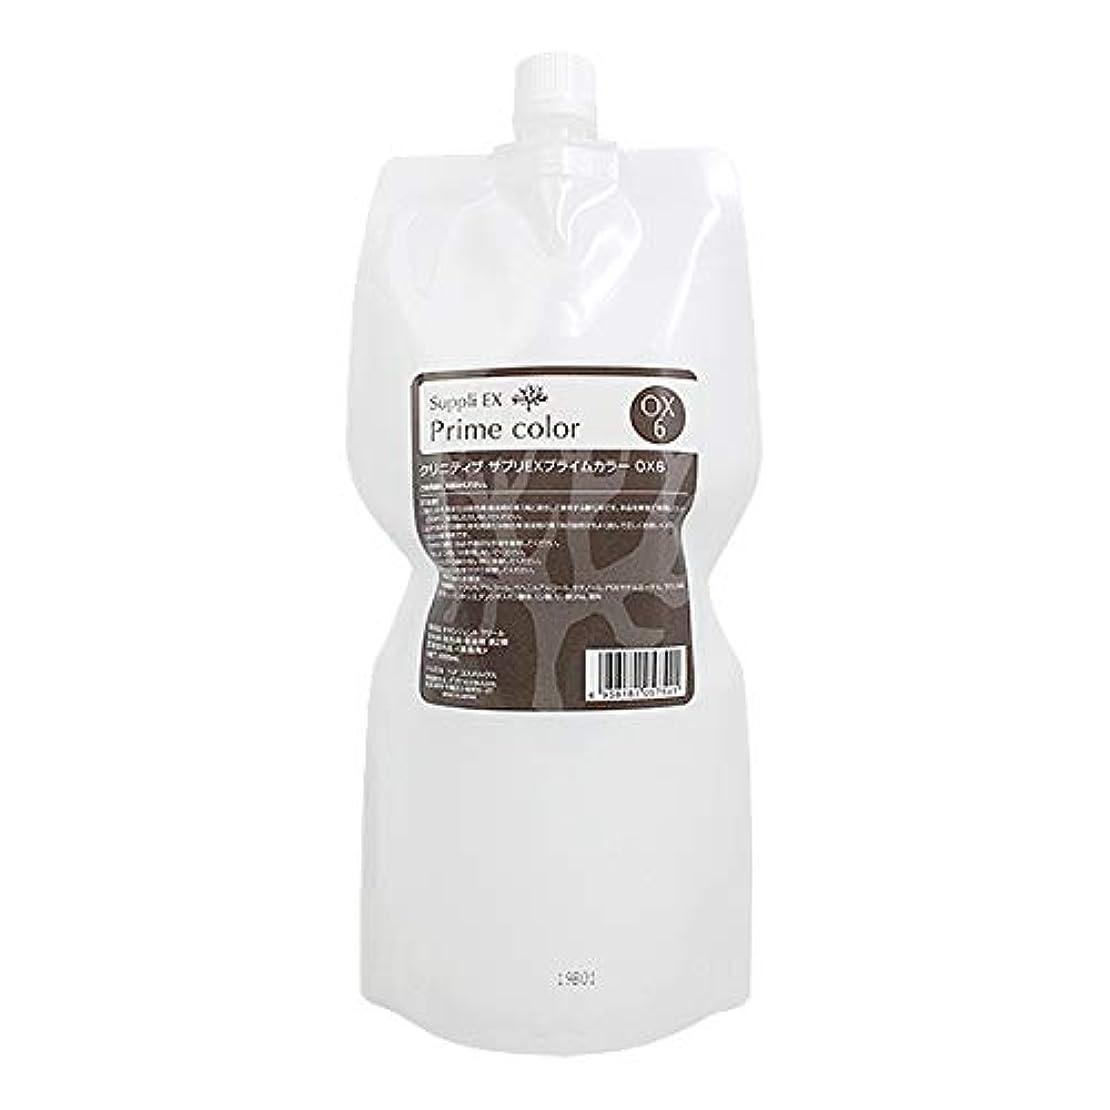 設計しがみつく海外イリヤ化学 クリニティブ サプリEXプライムカラー アテンド(染毛補助クリーム) 300g